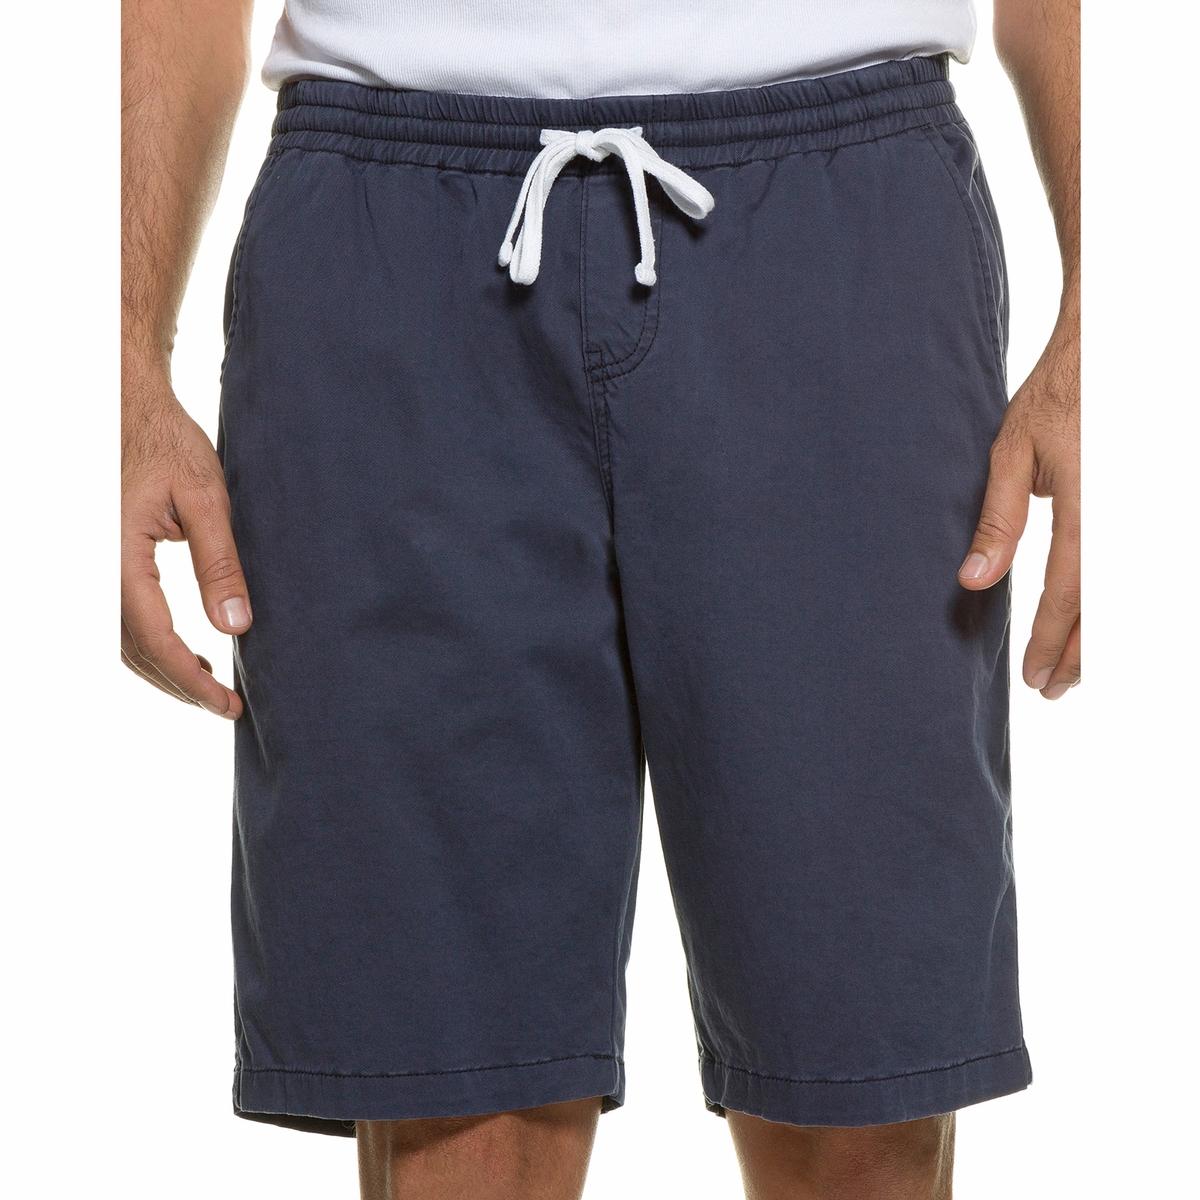 БермудыБермуды без застежки JP1880, с эластичным поясом с завязками. 3 кармана. Прямой покрой, слегка заниженная талия, зауженные бедра и брючины. 98% хлопка, 2% эластана. Длина по внутр.шву 26-33 см<br><br>Цвет: синий<br>Размер: XL